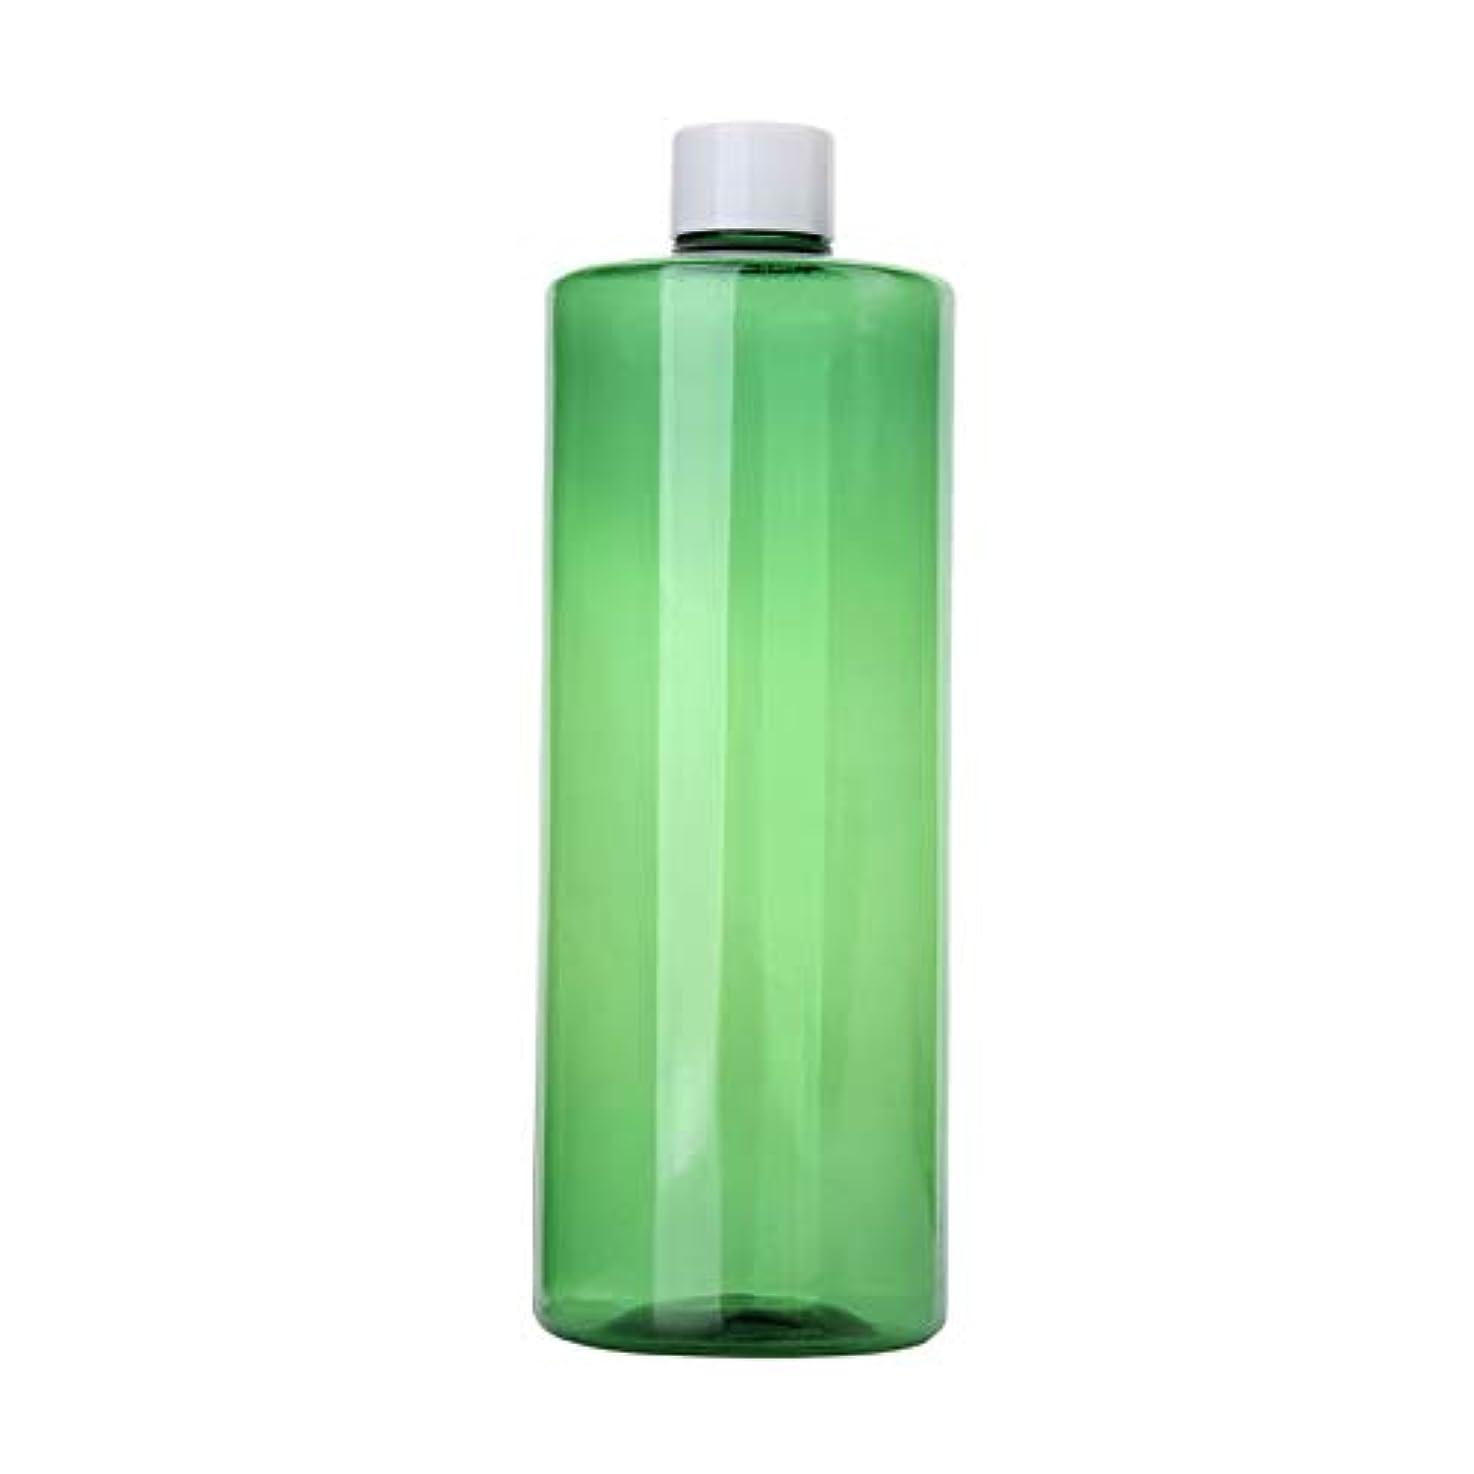 ポジティブ負担ダウン1本 化粧品用 詰め替えボトル 詰め替え容器 大容量 500ml 中栓付き 使いやすい 化粧水用 シャンプー クリーム 貯蔵用 携帯用 空容器 おしゃれ 白ヘッド グリーン